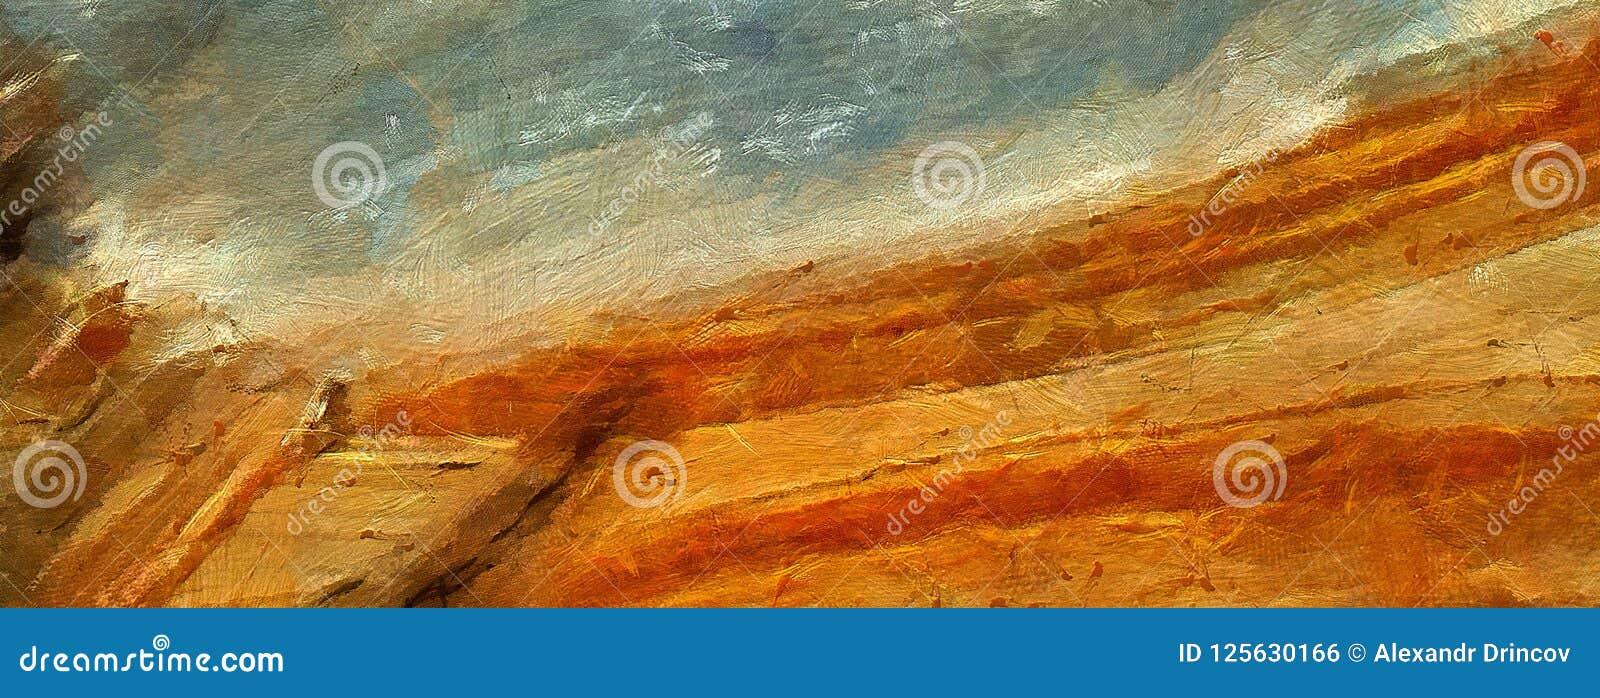 Αφηρημένη τέχνη σύστασης εντύπωσης Καλλιτεχνικό φωτεινό bacground απόθεμα Έργο τέχνης ελαιογραφίας Σύγχρονη γραφική ταπετσαρία ύφ